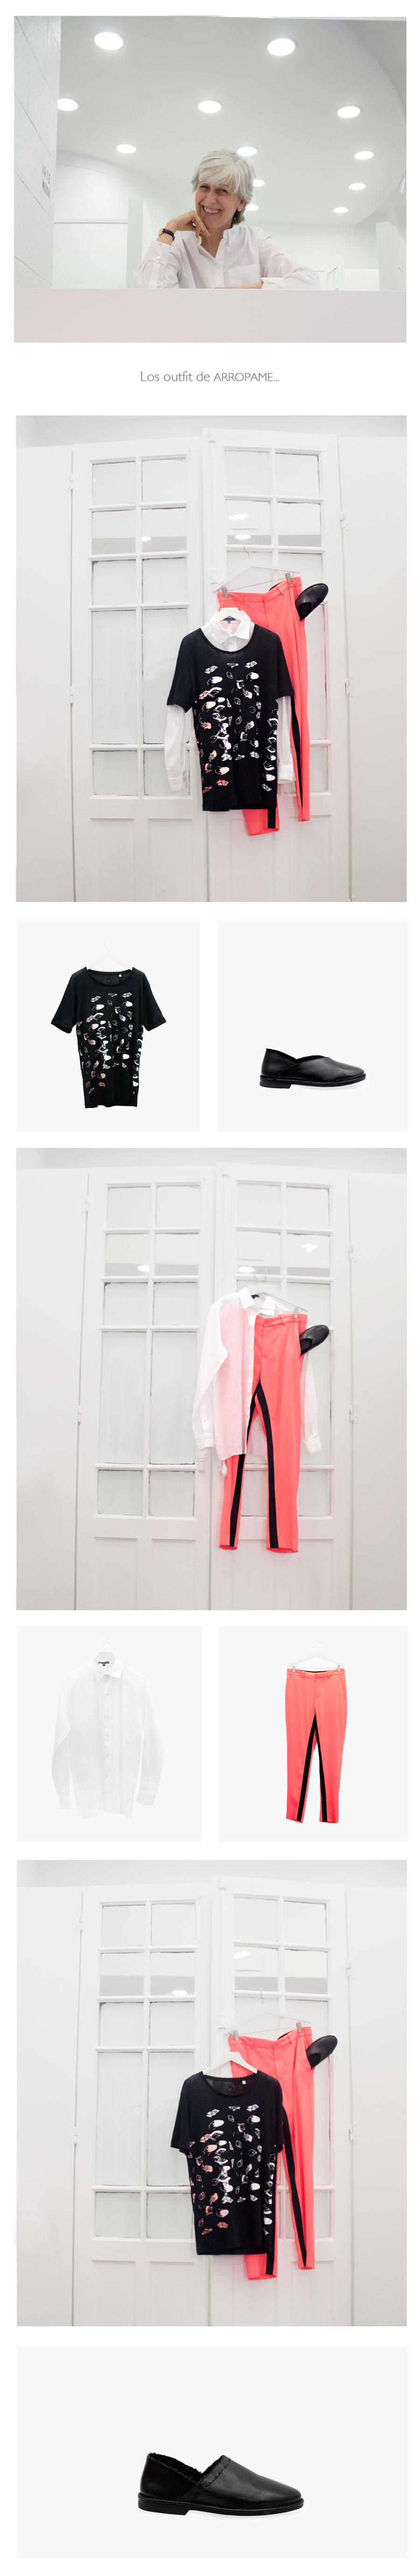 El estilo unisex - Blog Los Outfit de Arropame